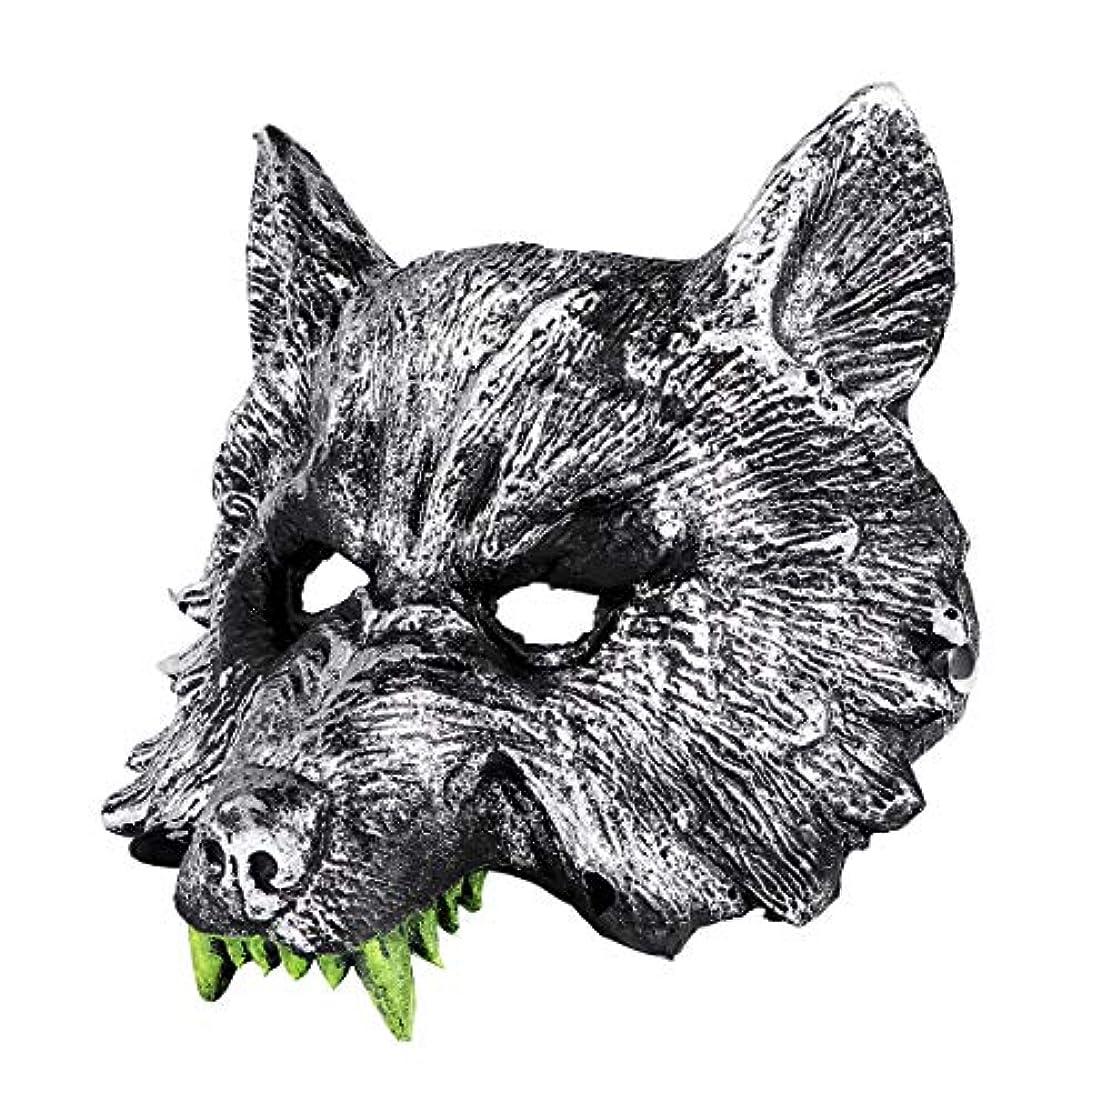 銅冷淡なヨーグルトコスプレハロウィーン仮装のためのNUOLUX灰色オオカミヘッドマスクファンシードレスパーティー小道具